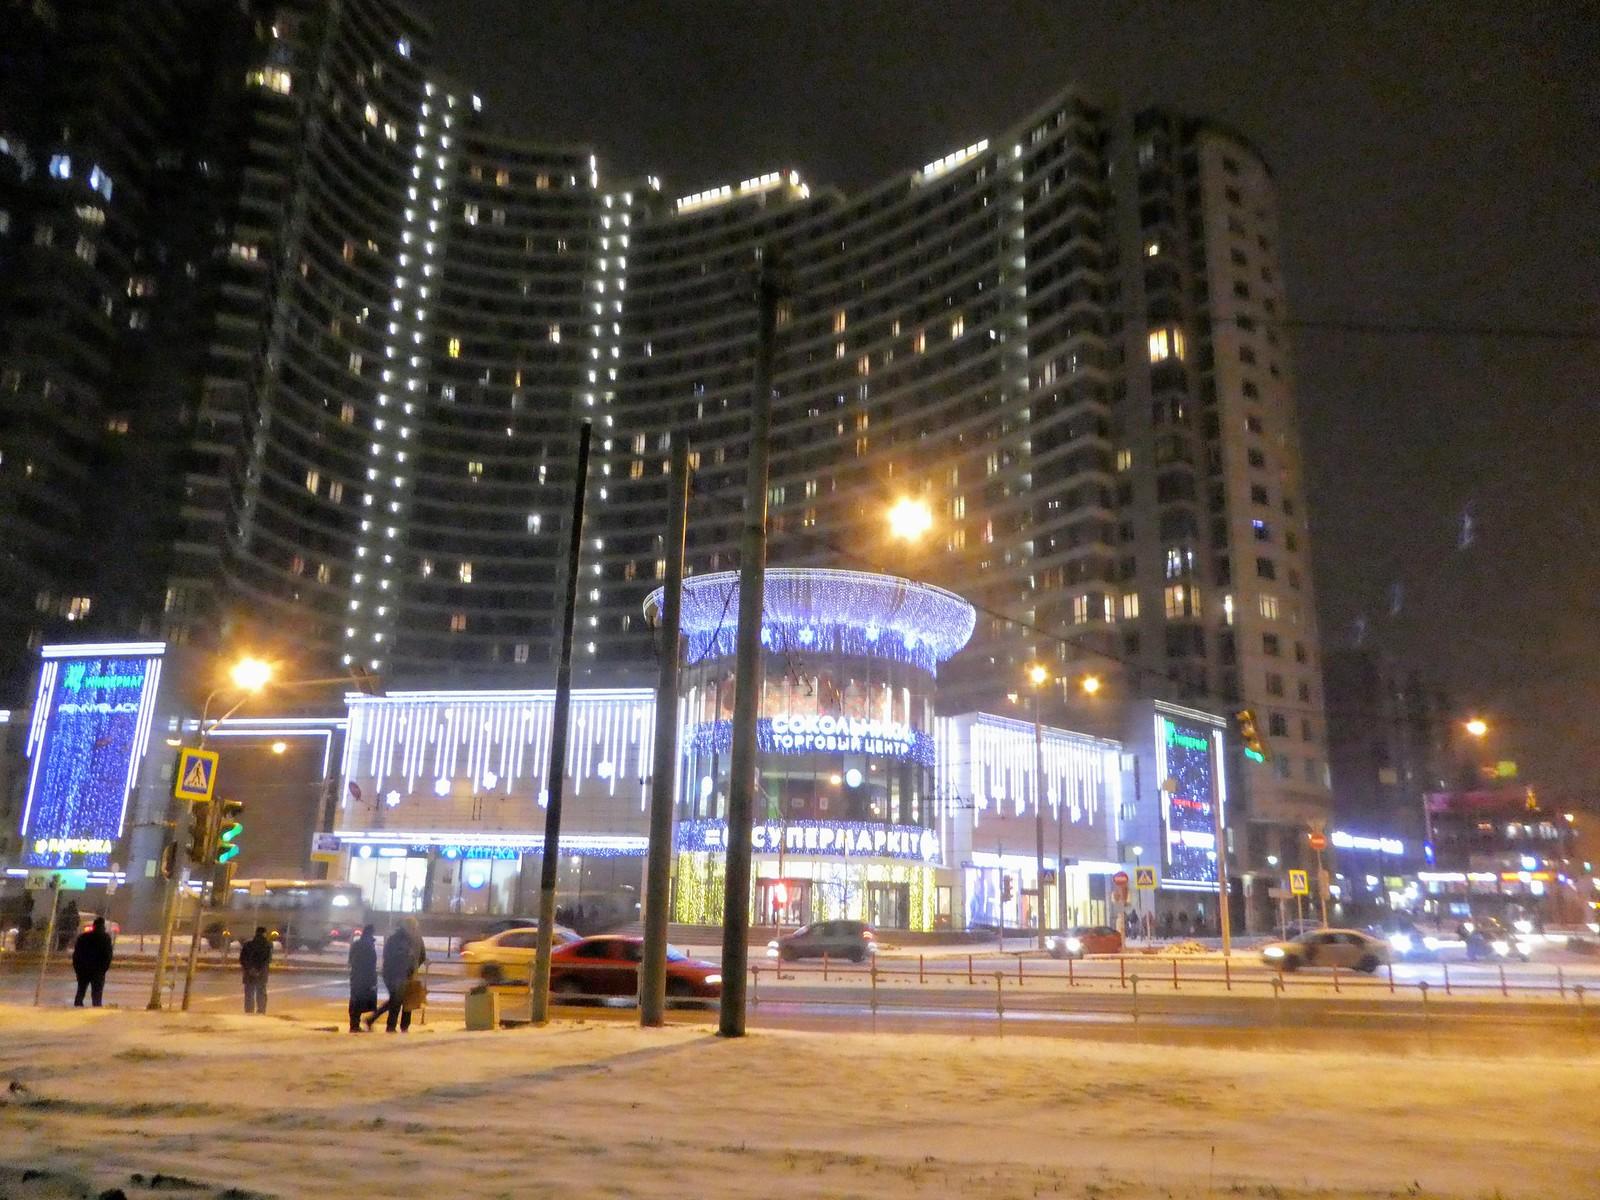 Sokolniki, Moscow